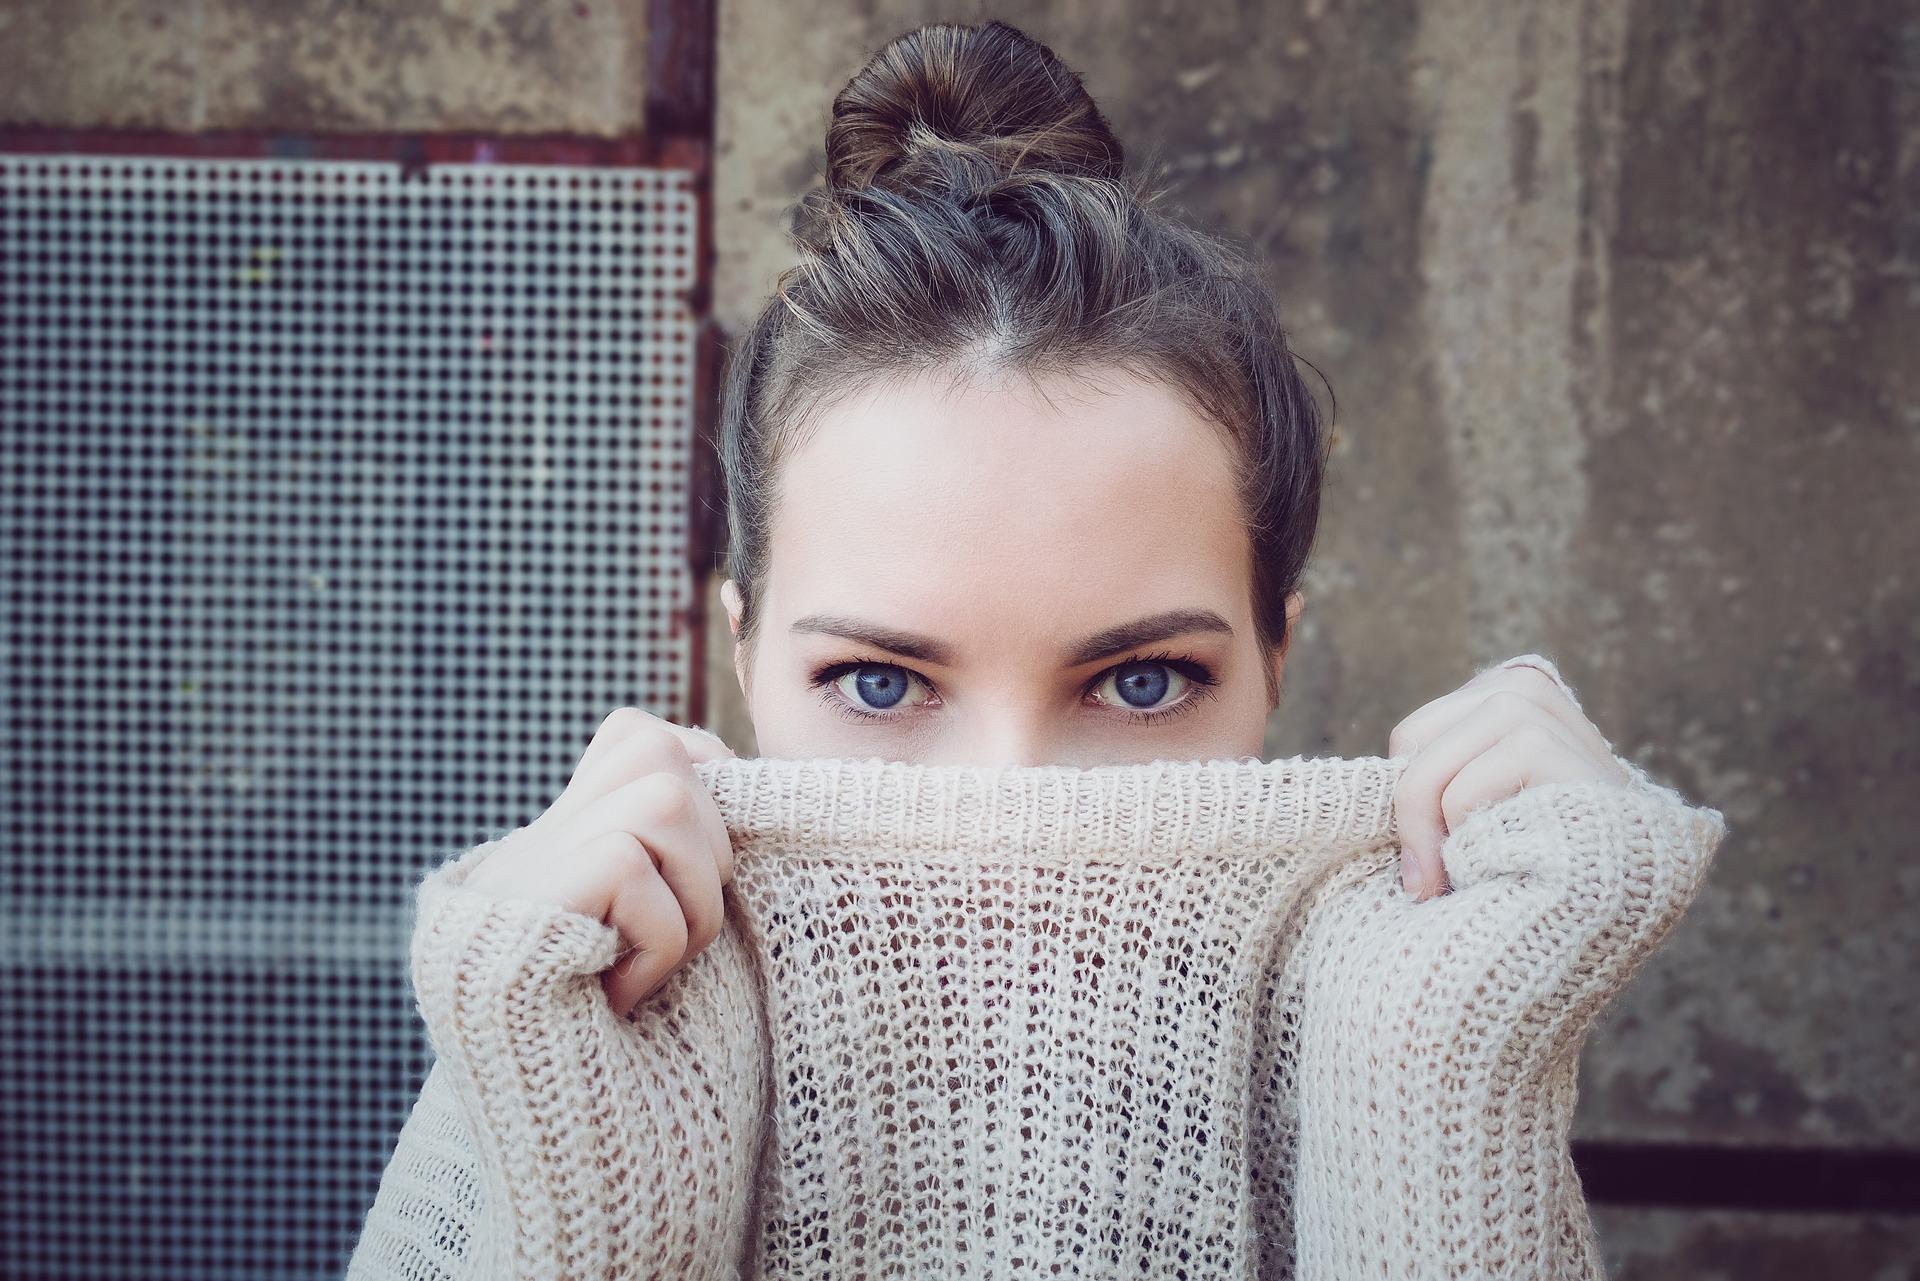 portrait, woman, girl, sweater, fall, winter, fashion, beauty, face.jpg